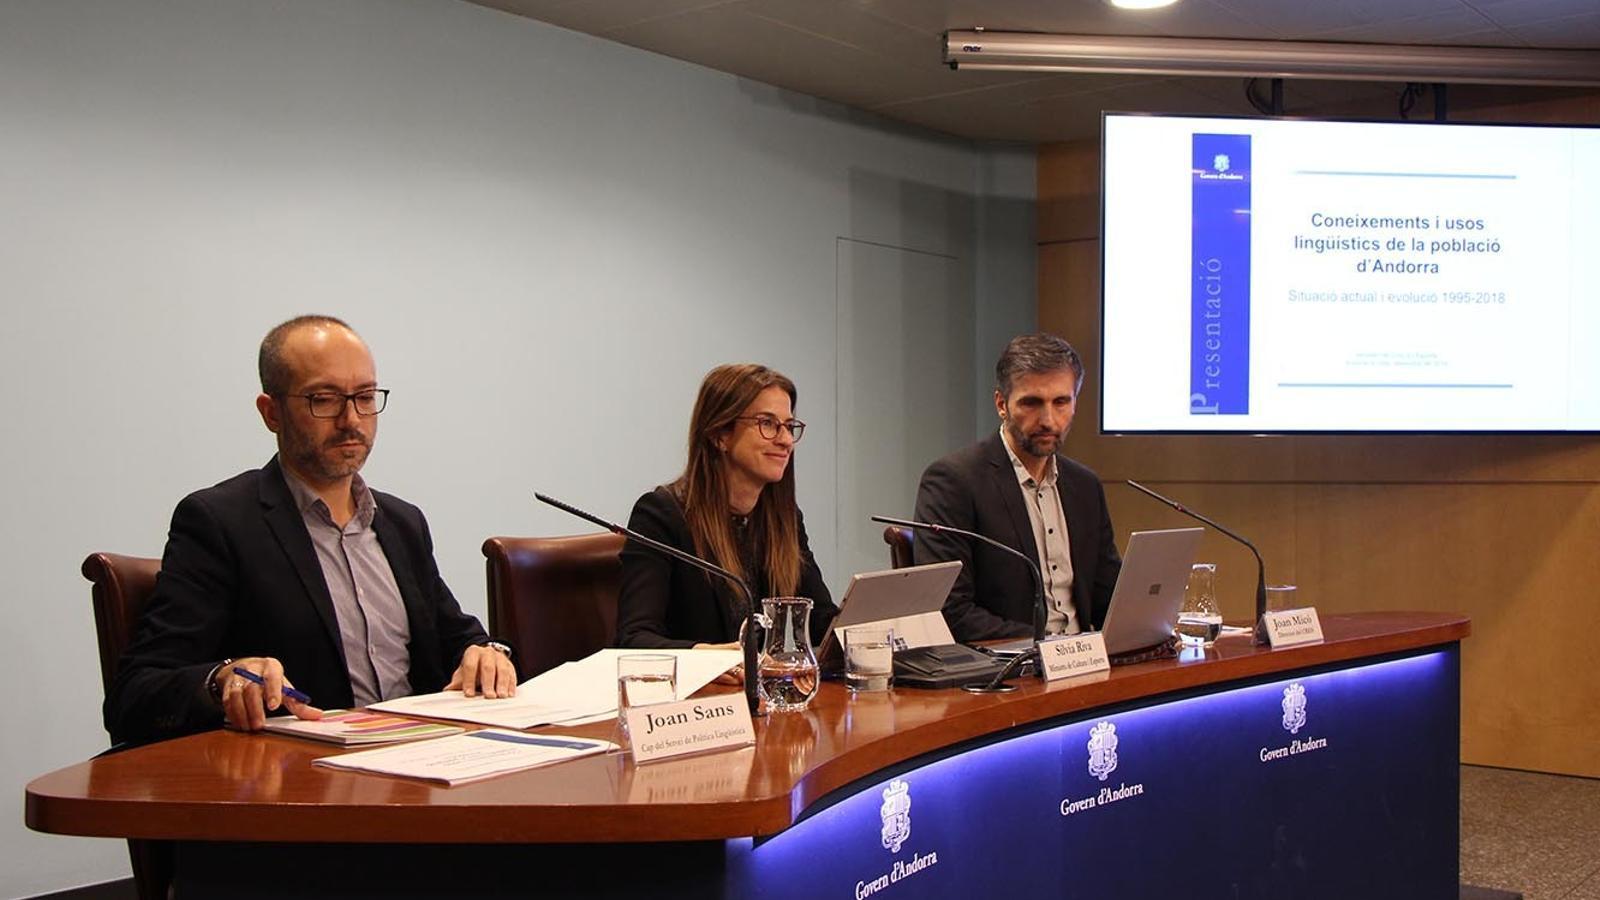 El cap del servei de Política Lingüística, Joan Sans; la ministra de Cultura i Esports, Sílvia Riva, i el director del CRES, Joan Micó, en la presentació de l'estudi sobre coneixements i usos lingüístics de la població d'Andorra. / M. F. (ANA)